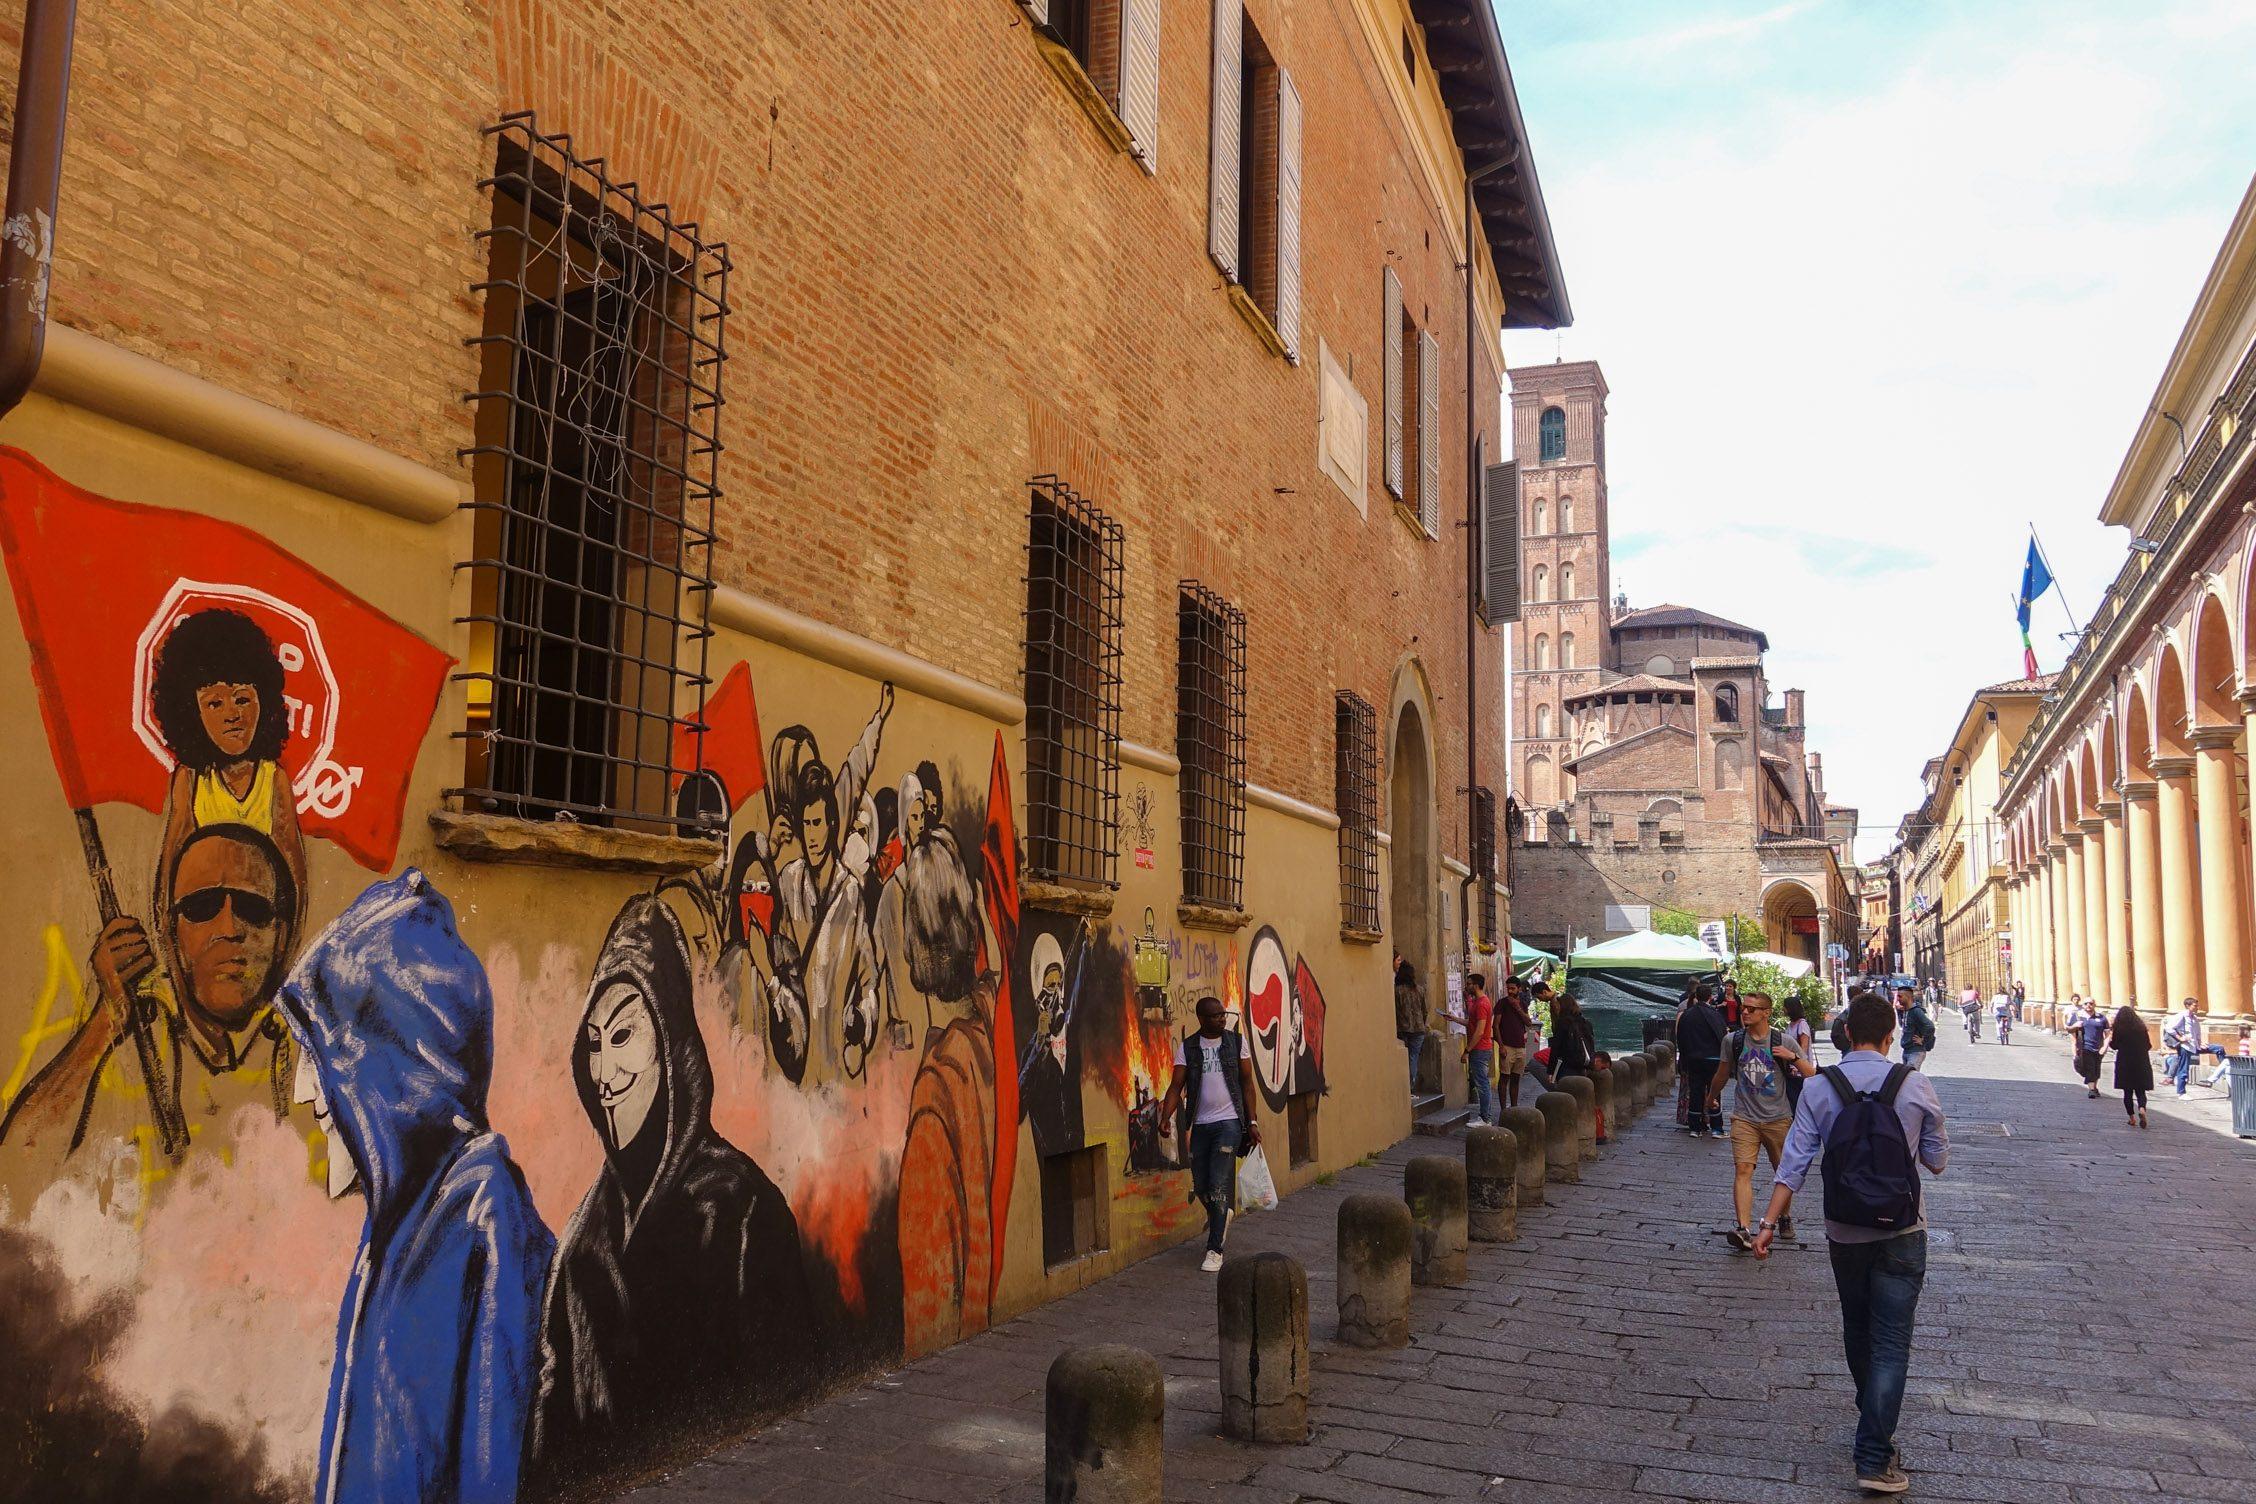 prachtig staaltje graffiti in de universiteitswijk